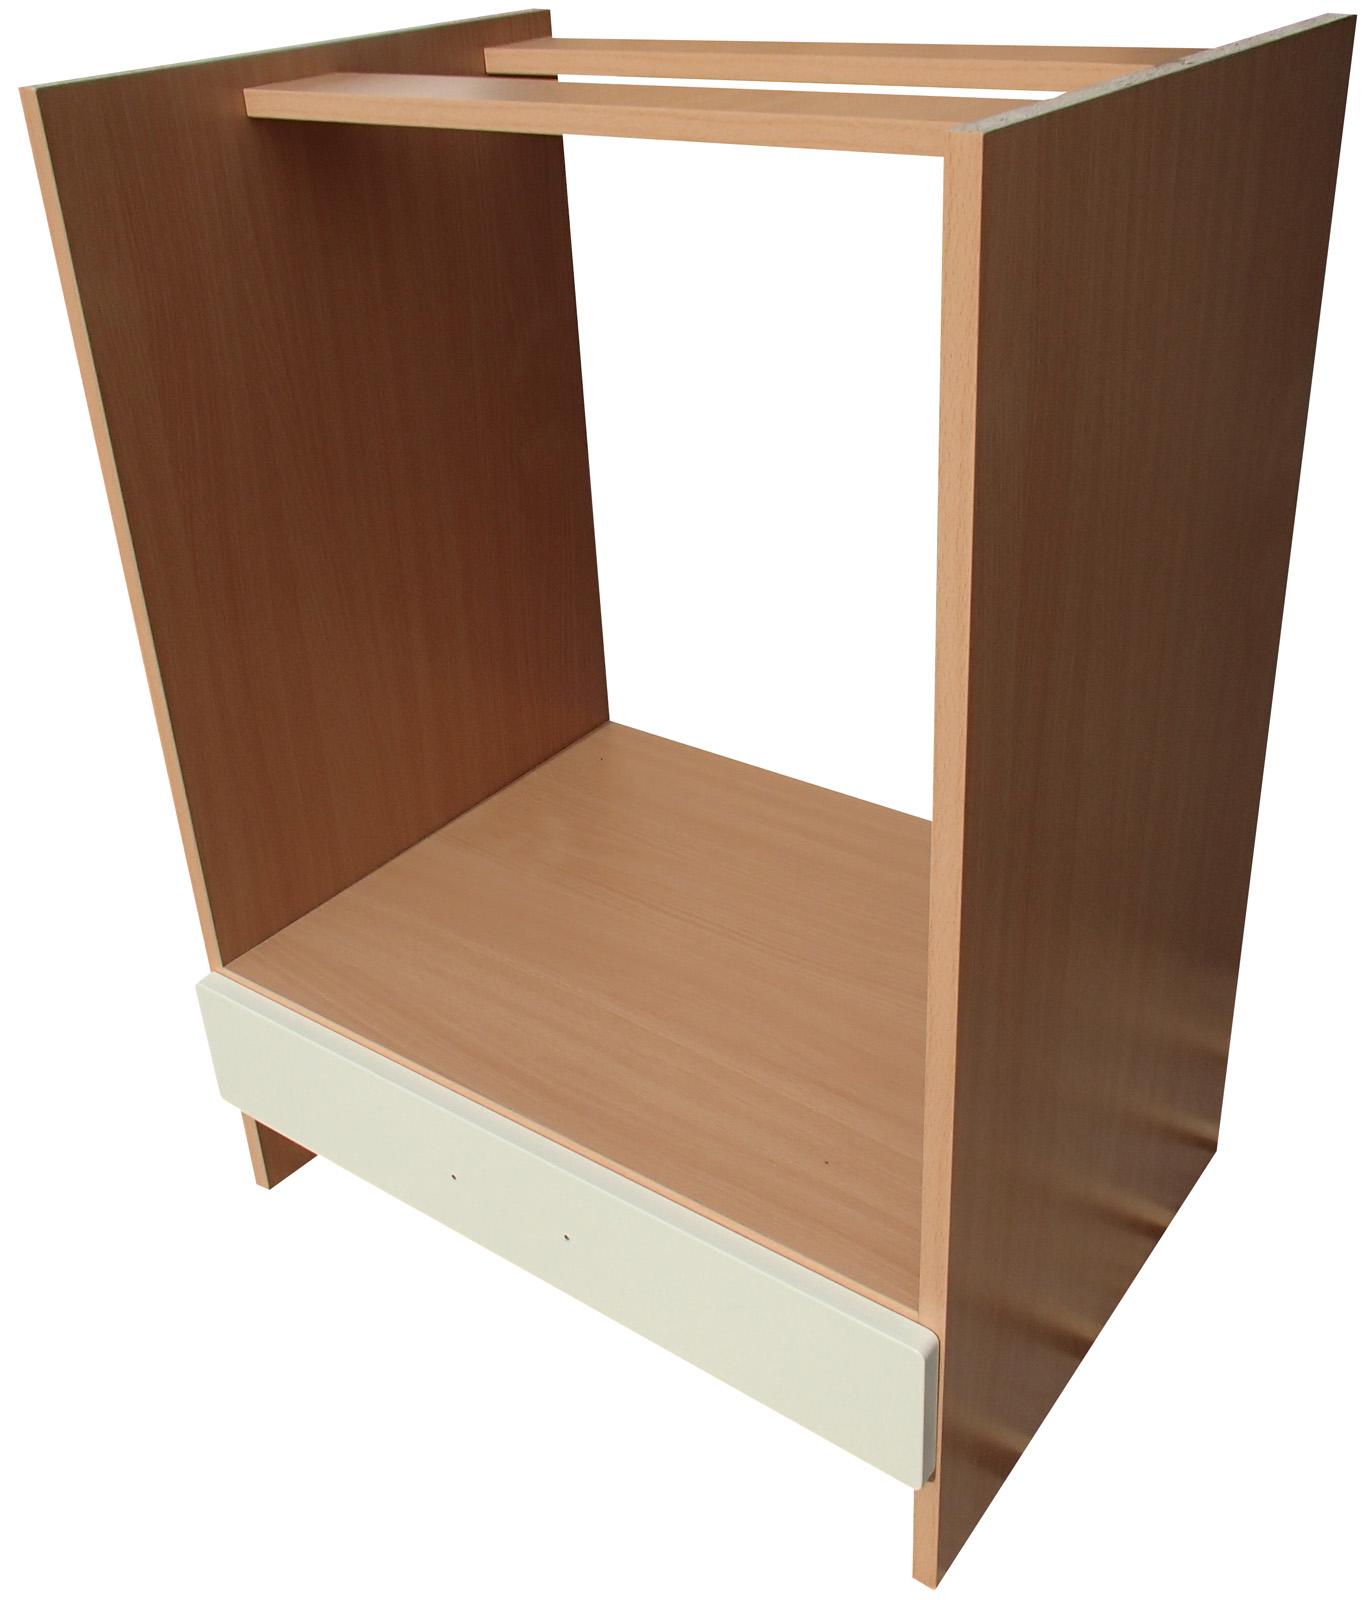 Dolní skříňka 60 cm na vestavěnou troubu - vanilka/ buk VÝPRODEJ